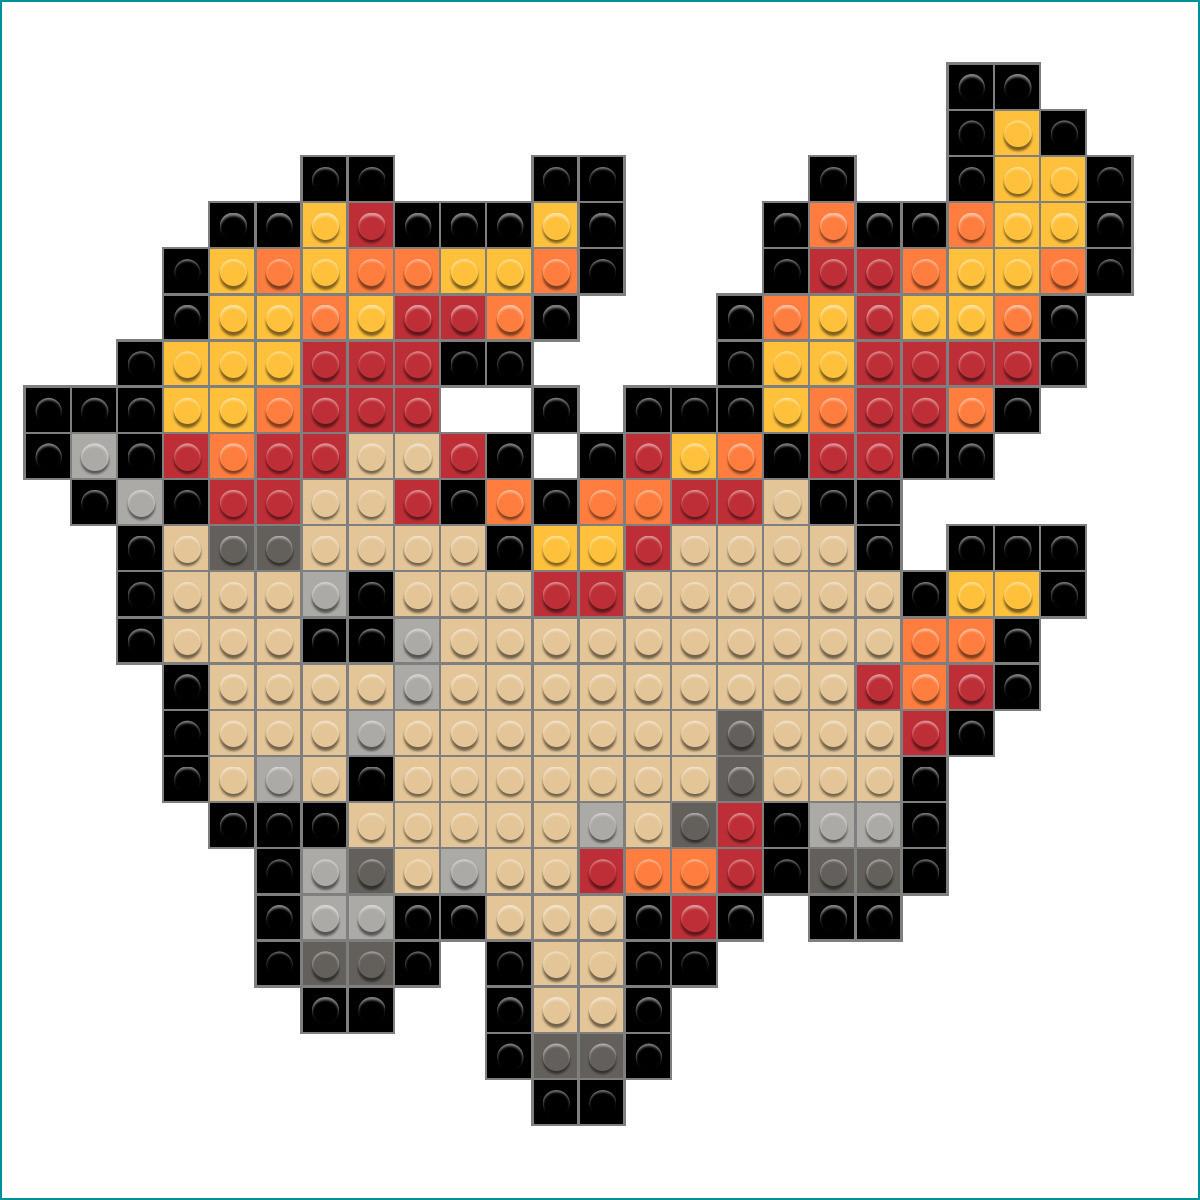 ausmalbilder pokemon solgaleo und lunala genial pixel art